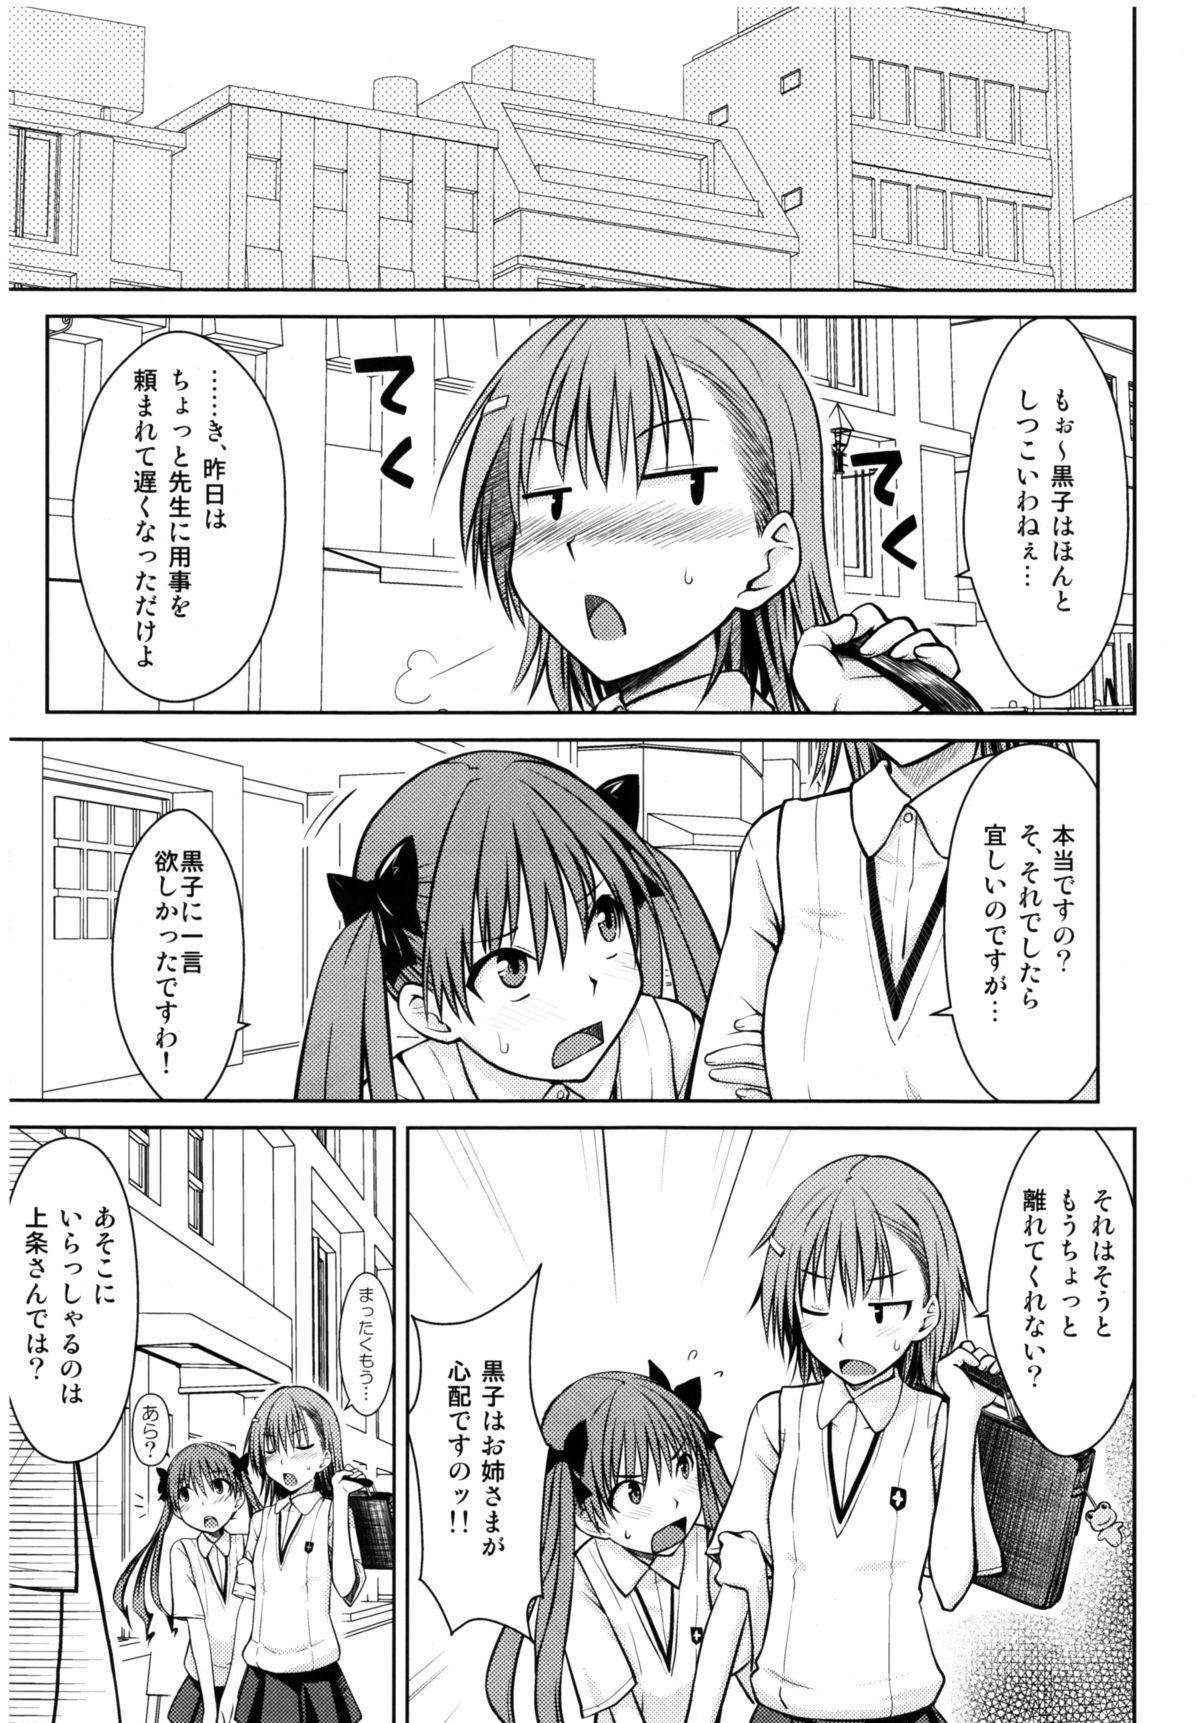 Toaru Himitsu no Onee-sama 21